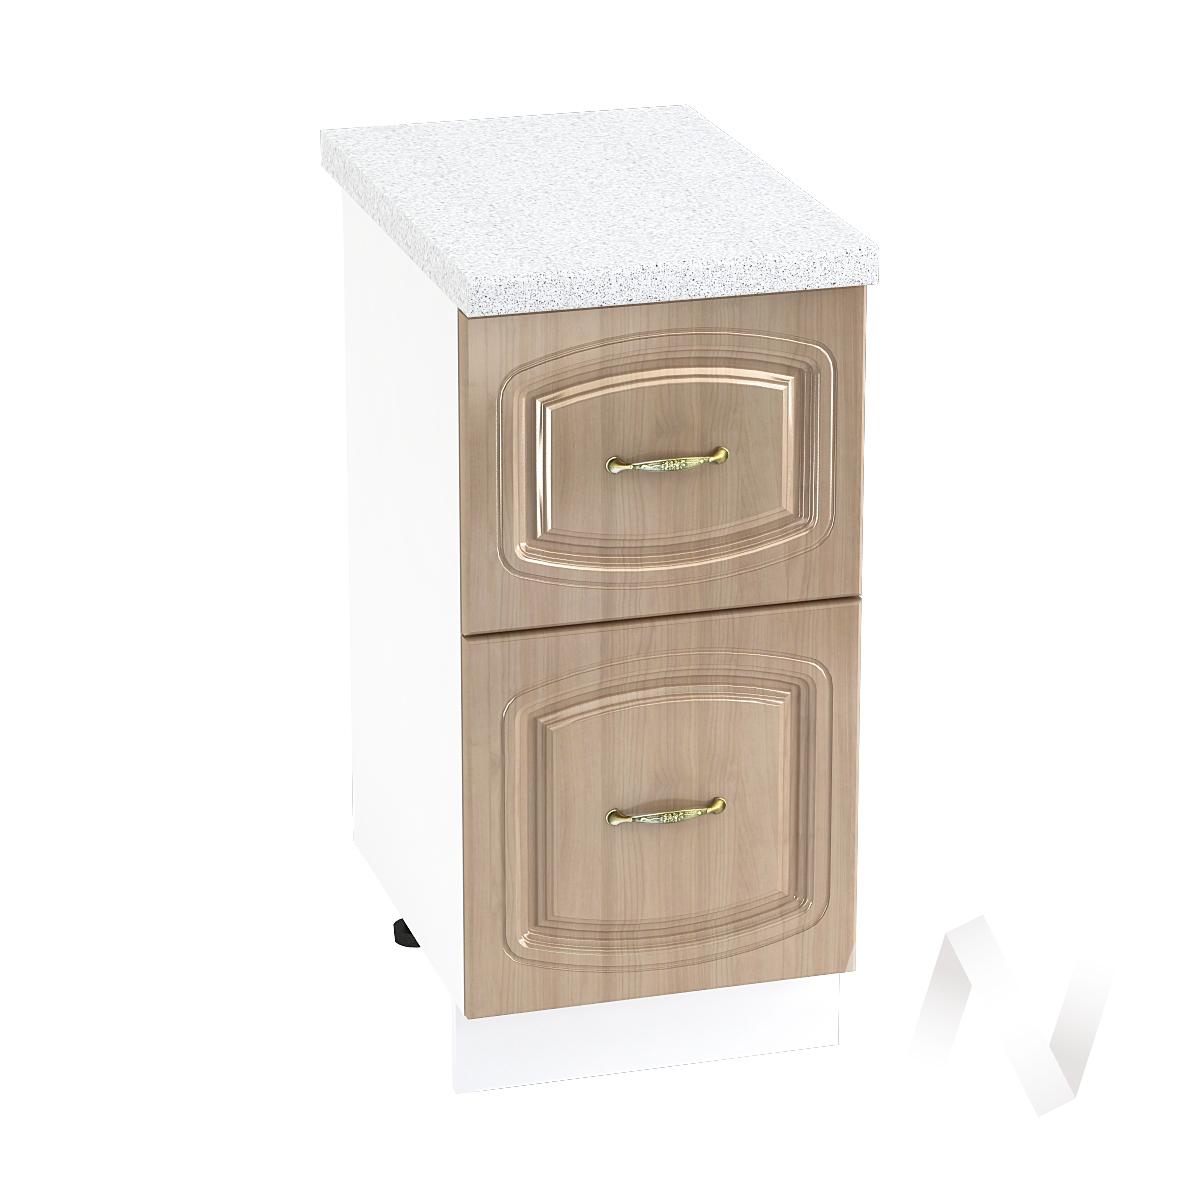 """Кухня """"Сити"""": Шкаф нижний с 2-мя ящиками 400, ШН2Я 400 (корпус белый)"""